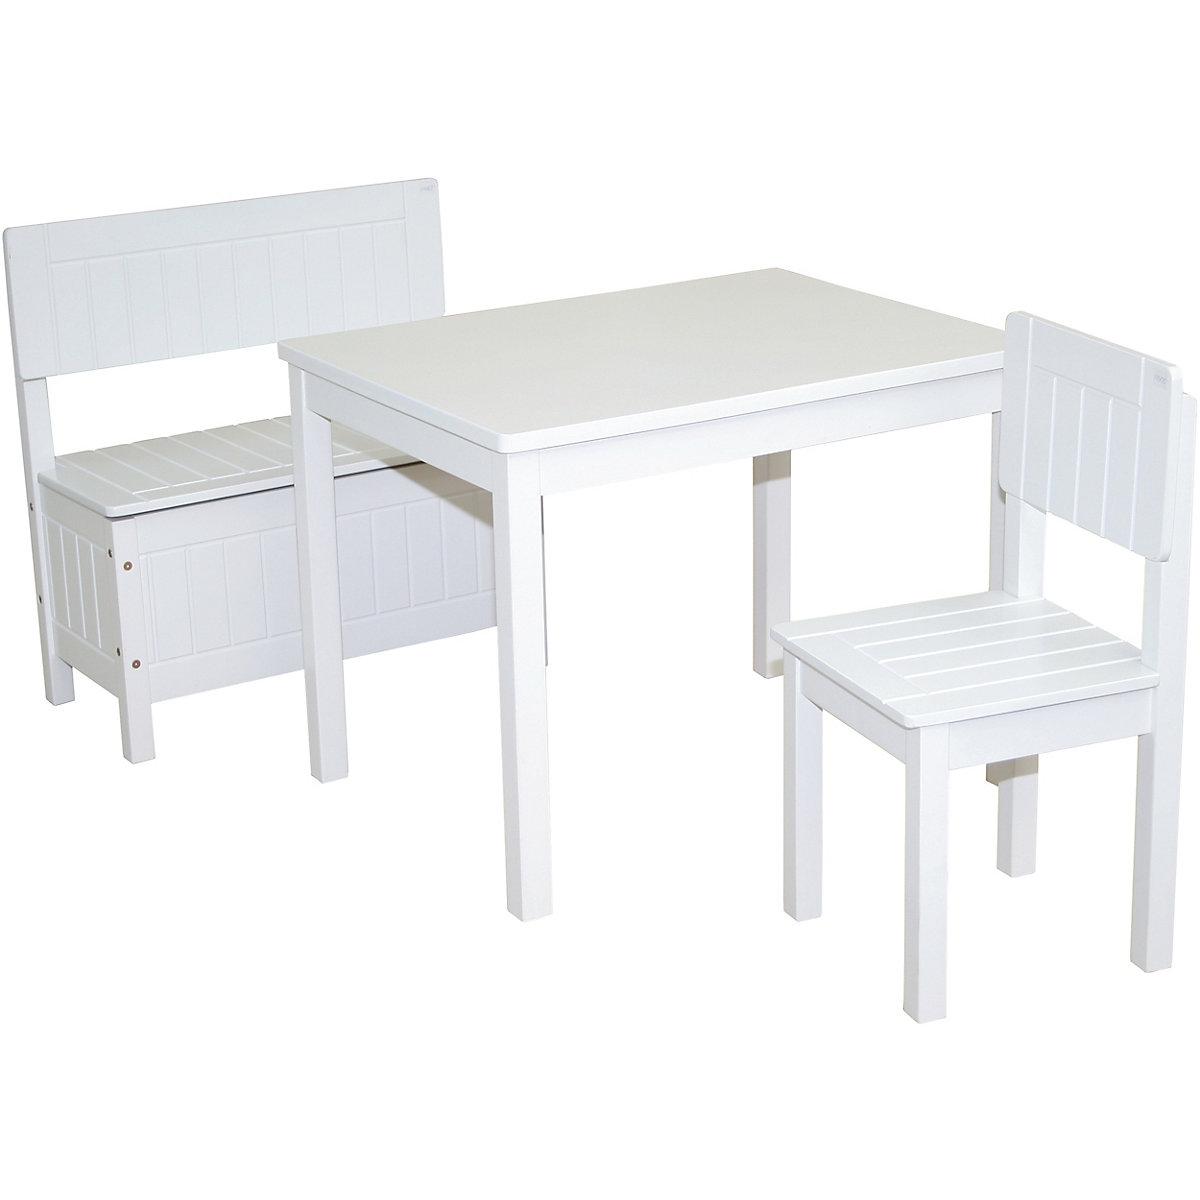 Kindertisch Weiß Lackiert Roba